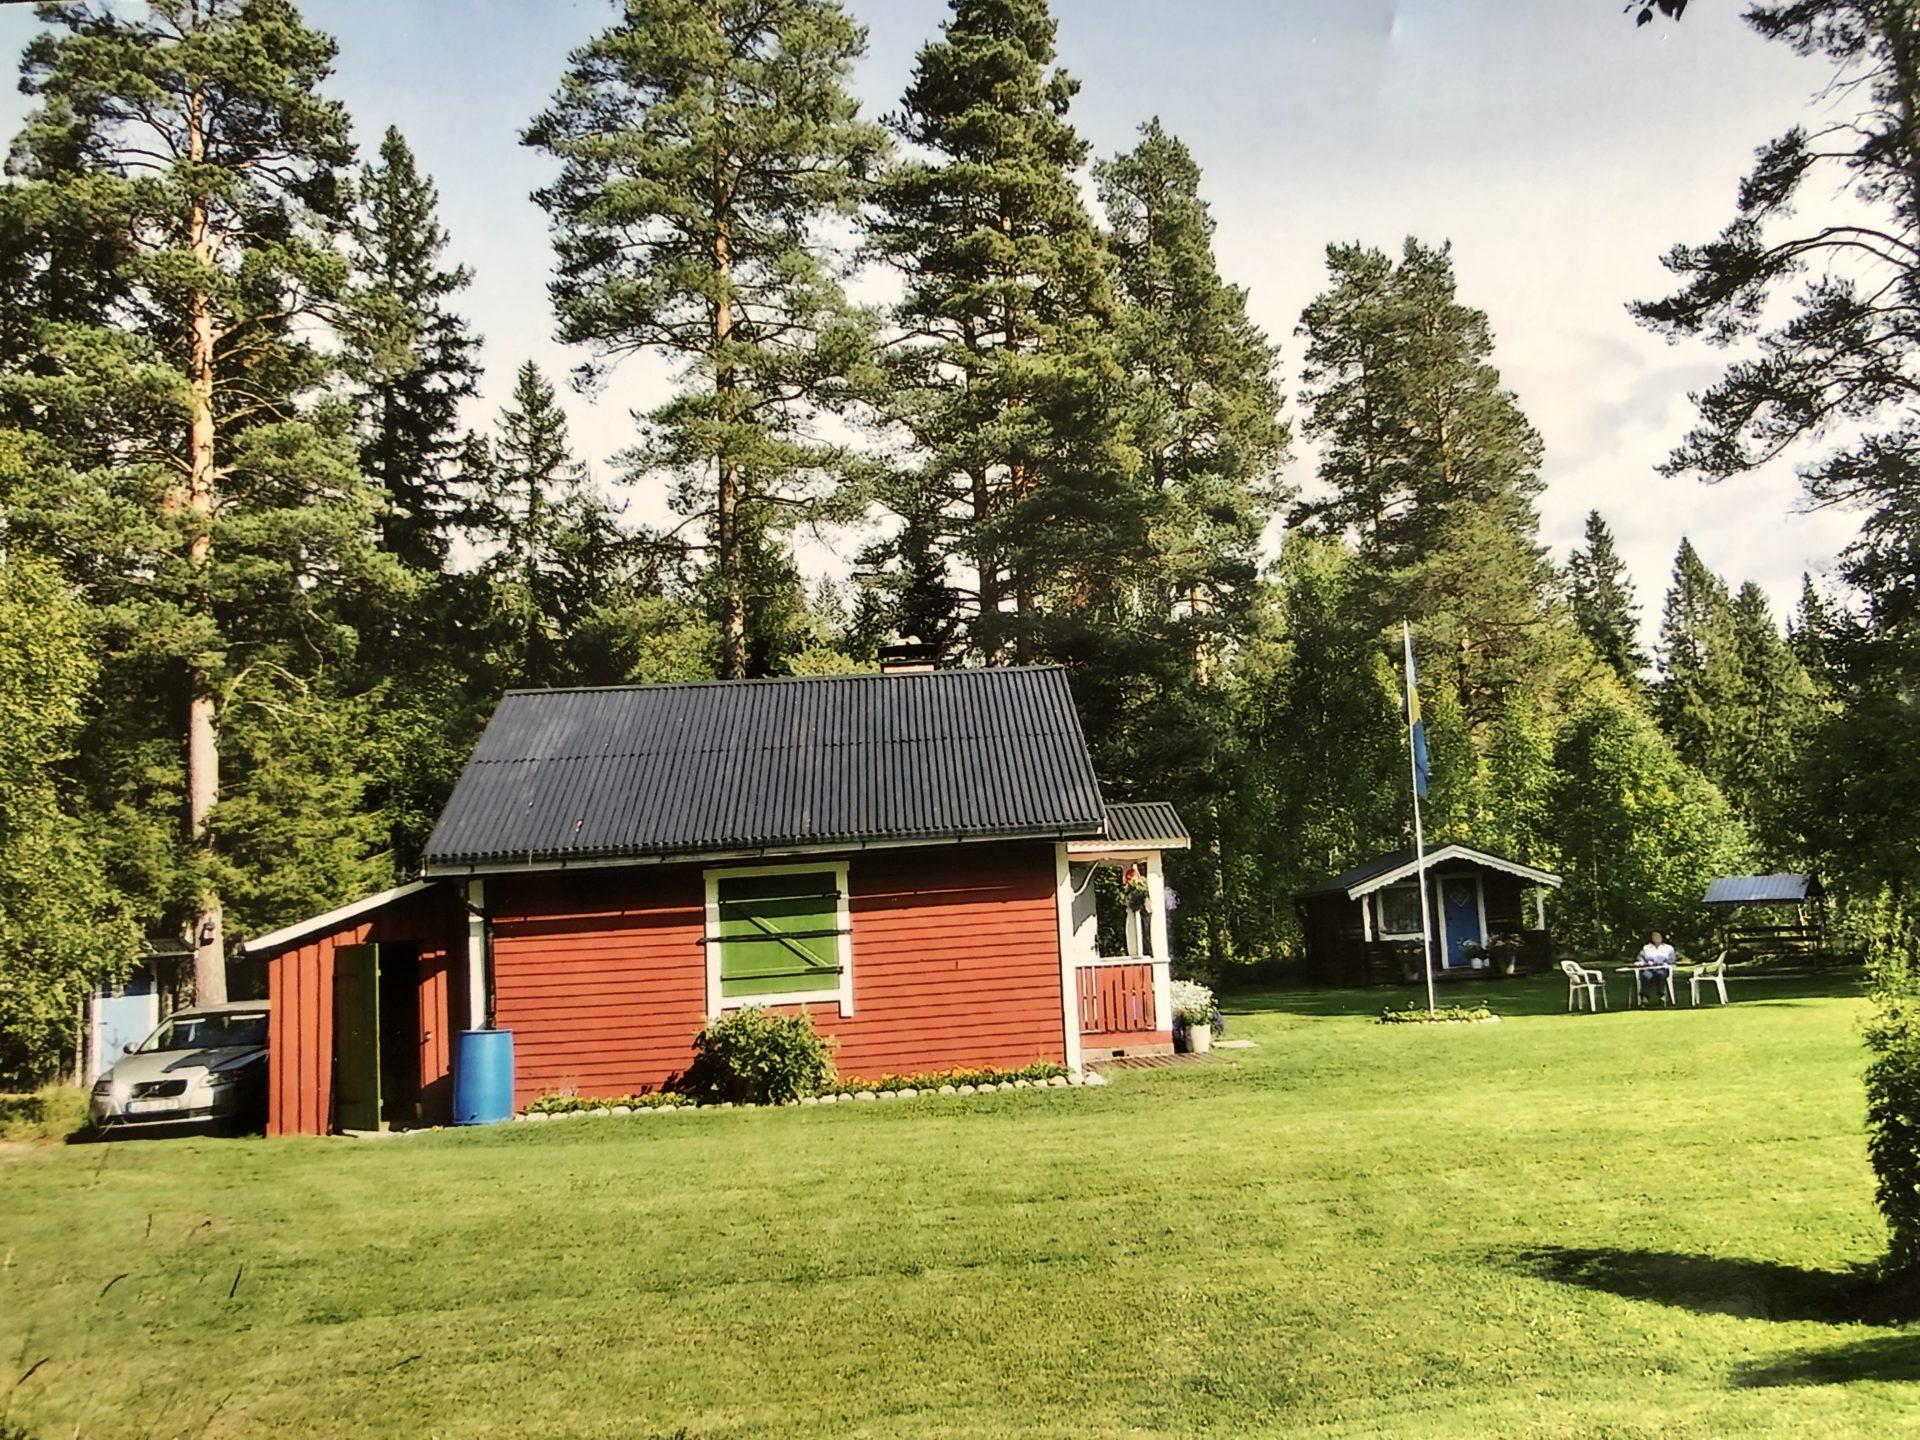 Elsa Edlund delar med sig av foton från den idylliska stugan ur sitt fotoalbum och det är som synes en rejäl tomt som håller Elsa sysselsatt.